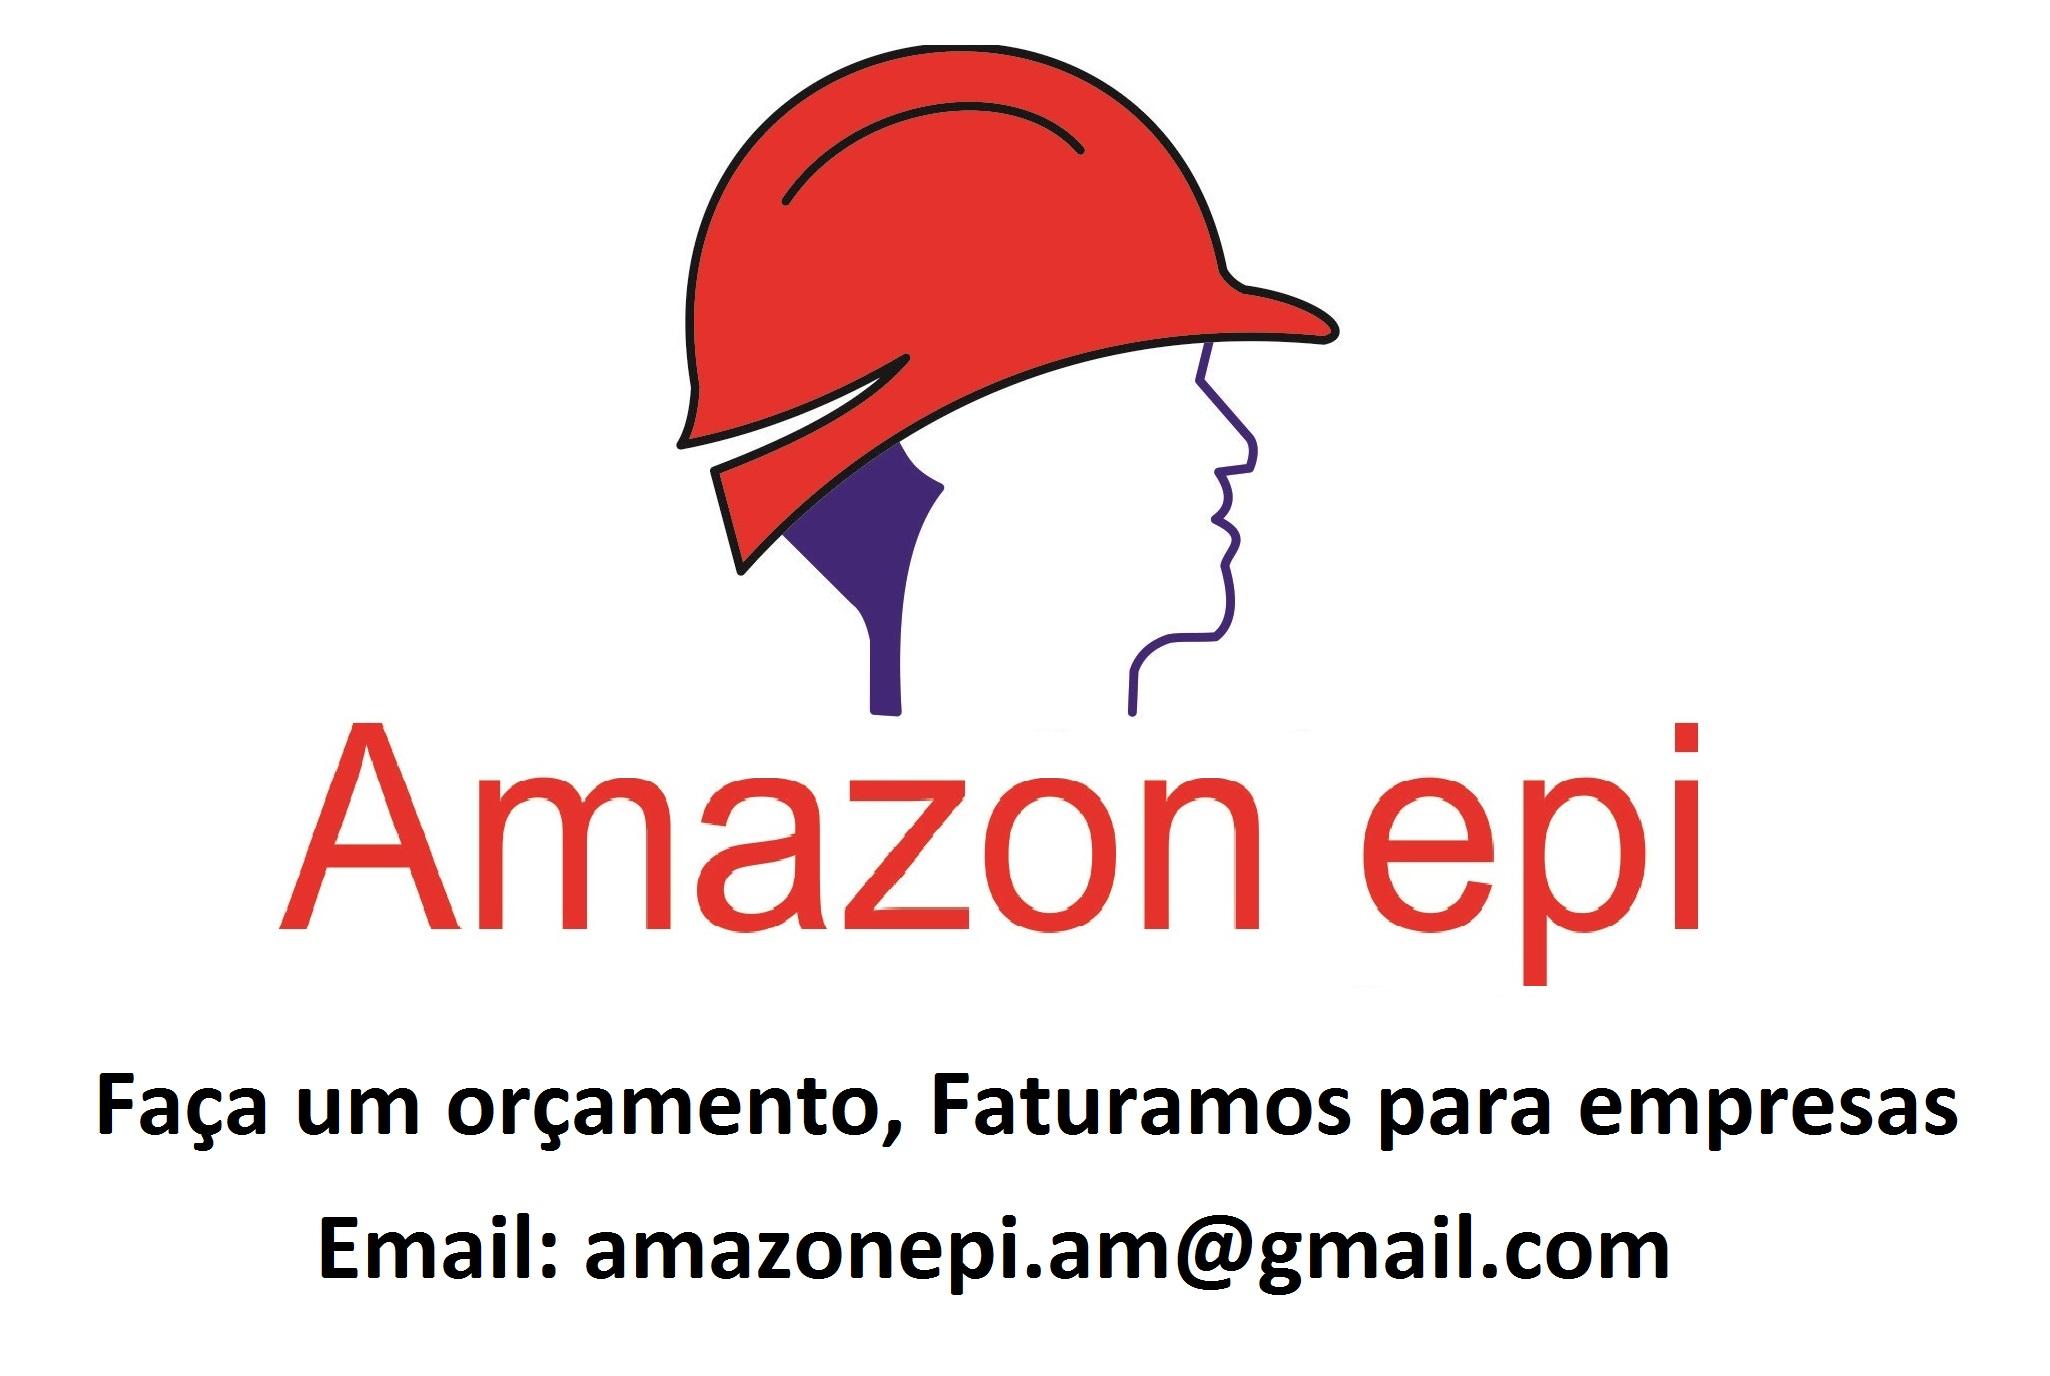 Amazon Epi. Equipamento De Proteção Individual Manaus, Epi Manaus, Botas de Segurança Em Manaus, Equipamento segurança manaus, Lojas De Epi, luva, óculos, avental, Ferramentas manaus, solda, soldagem